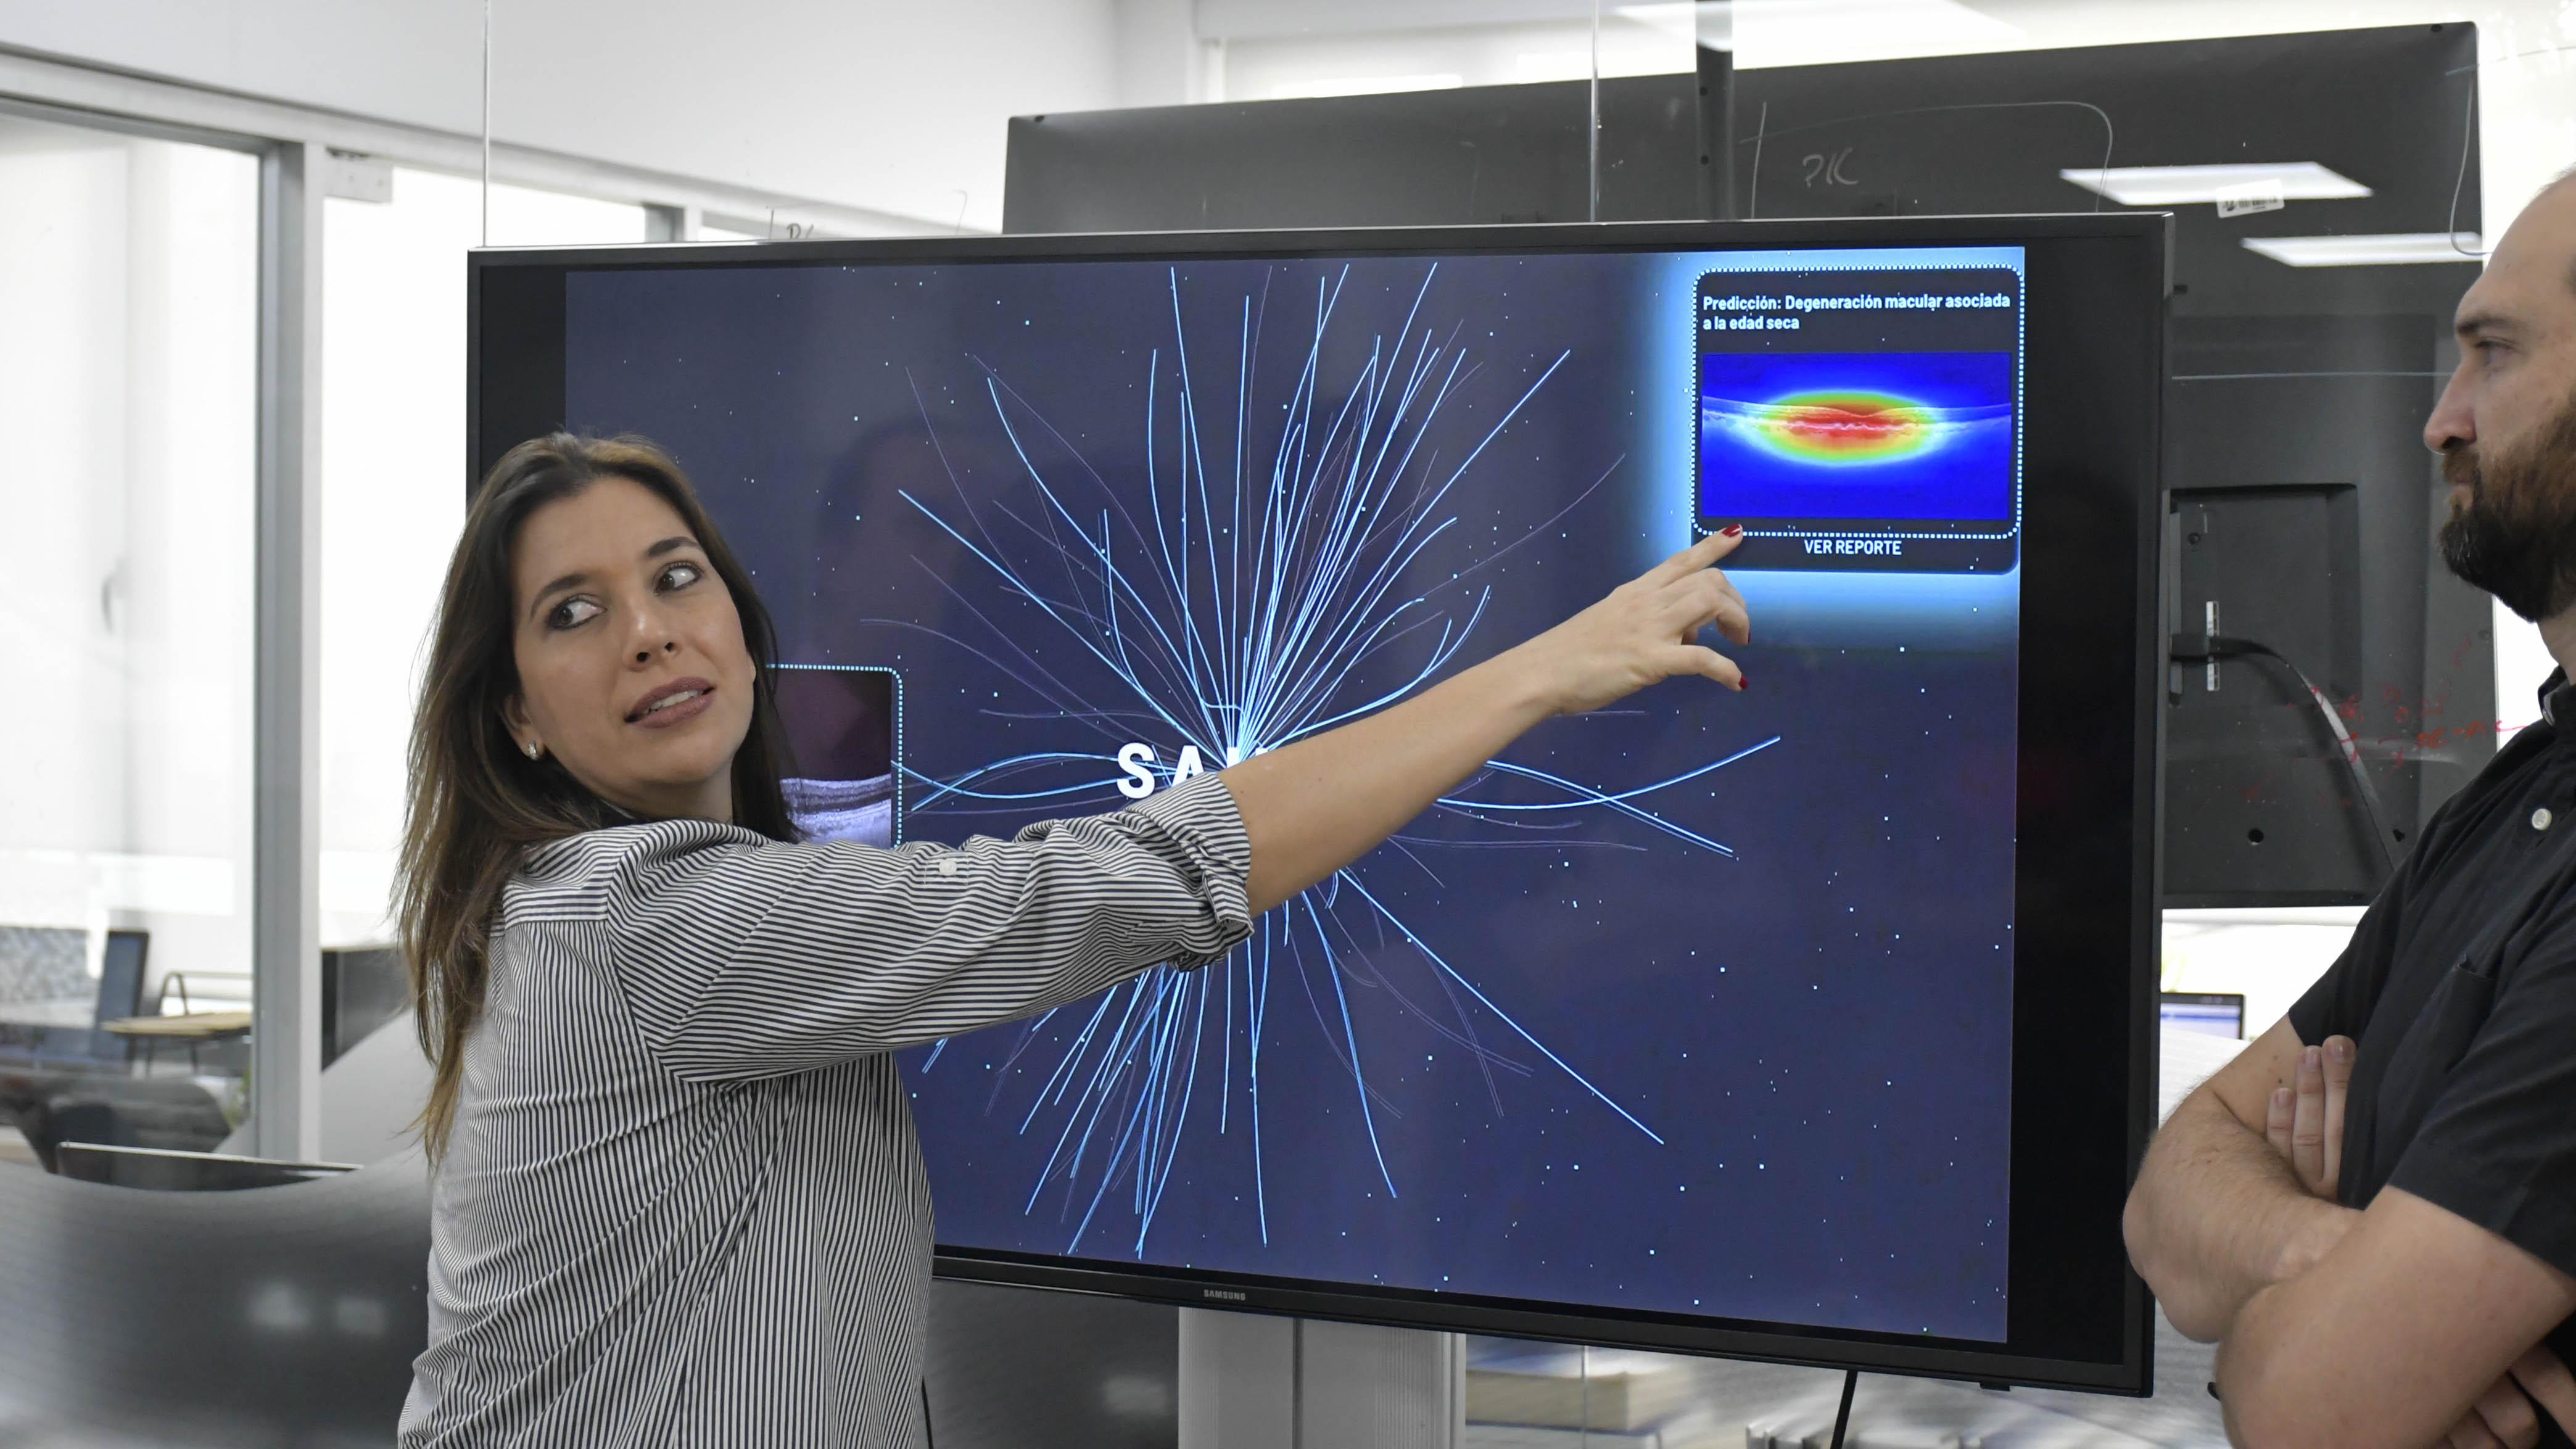 La retinóloga Hildegard Piñeros explica el resultado detectado por el programa Sahli.